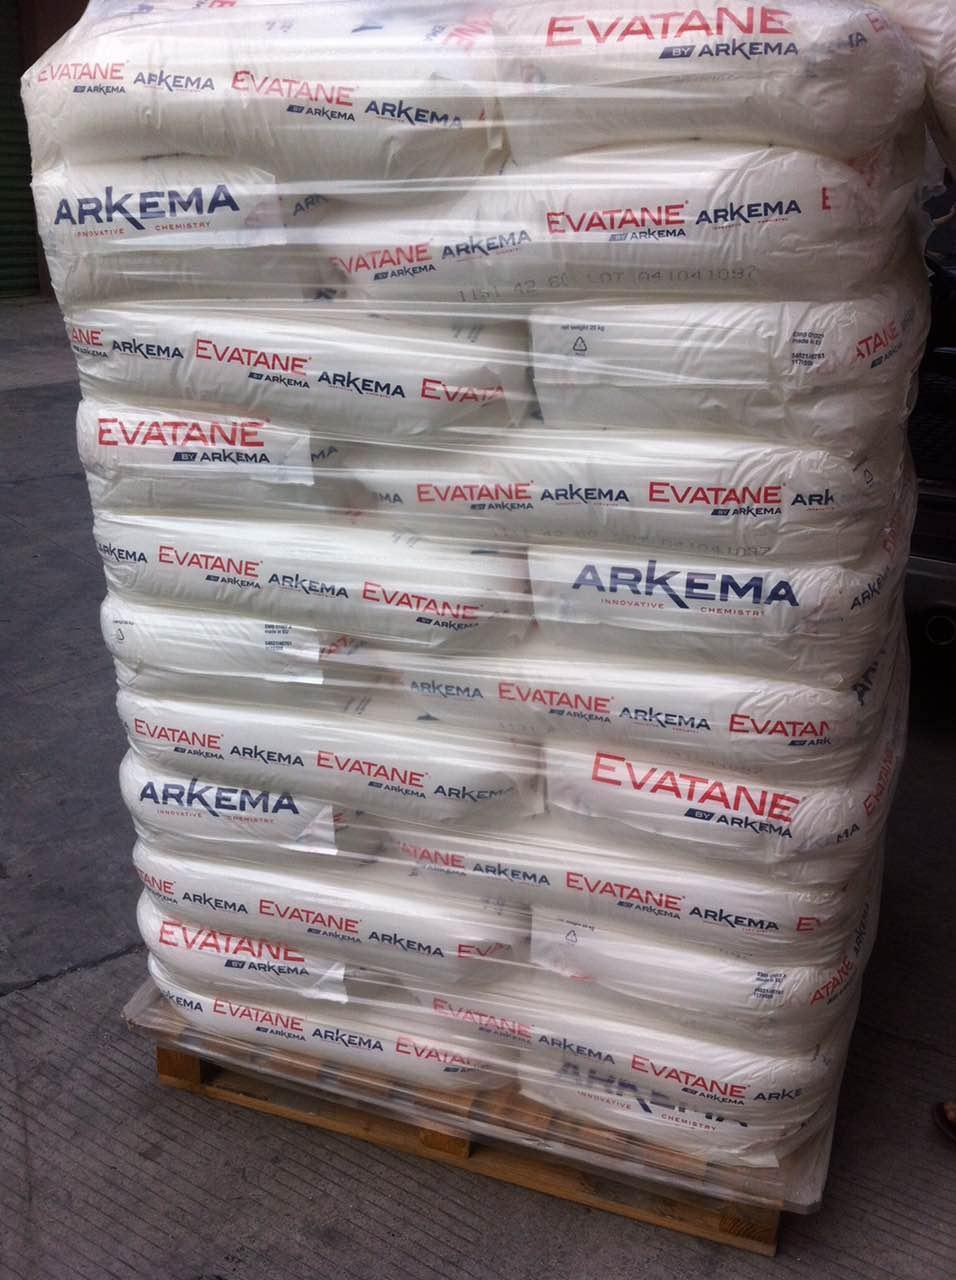 宁波法国阿科玛EVA经销商